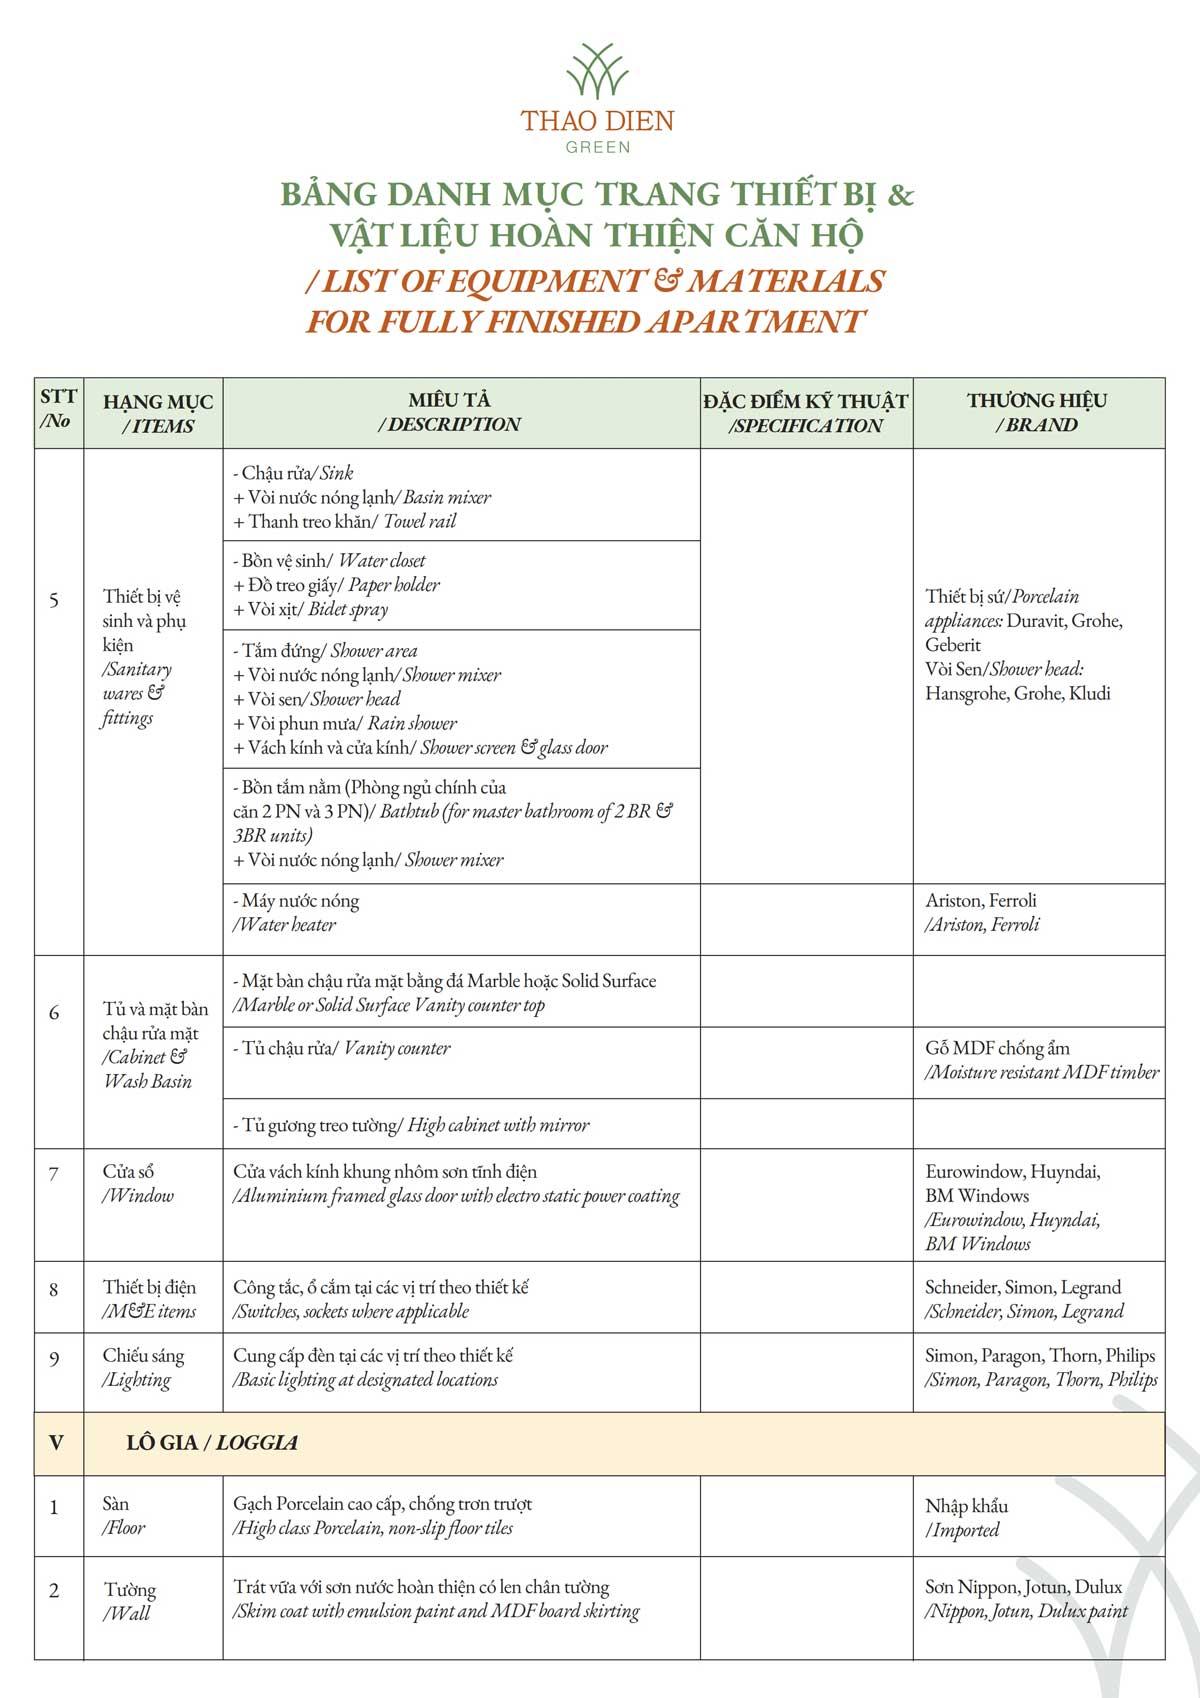 danh muc trang thiet bi va vat lieu ban giao can ho thao dien green 4 - Thảo Điền Green Towers Quận 2